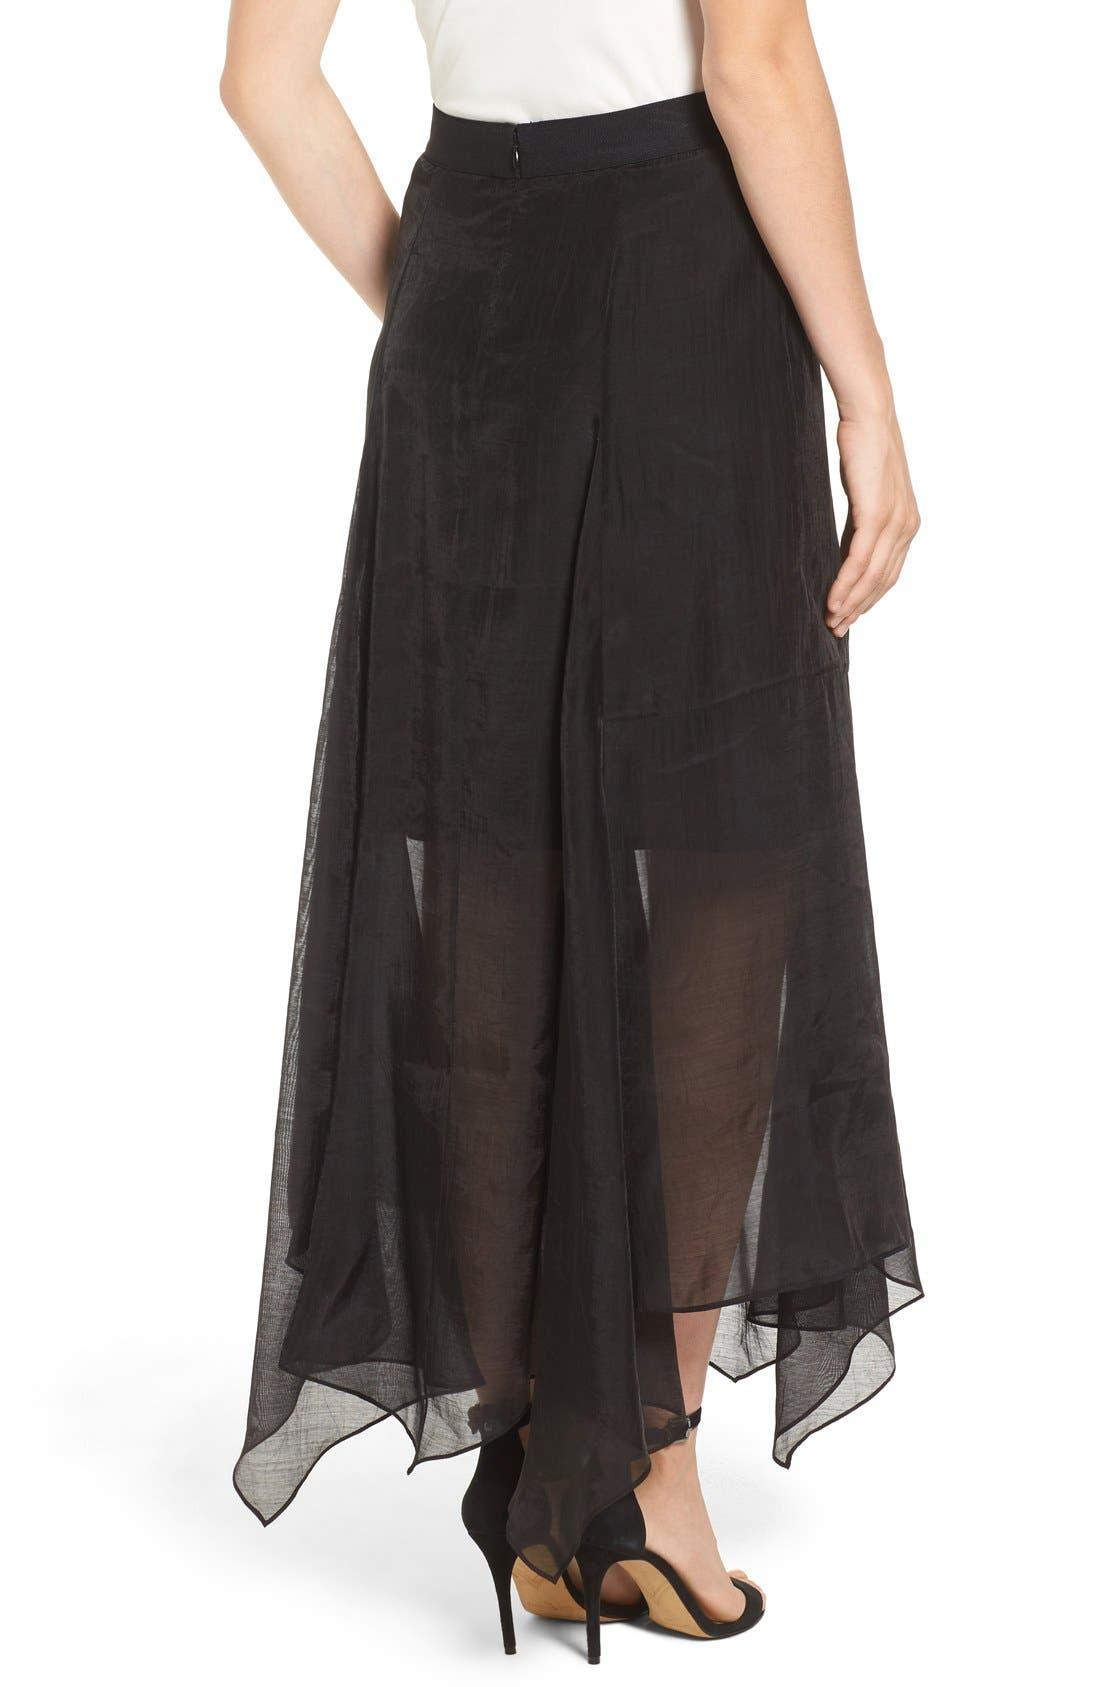 Batiste Party Skirt,                             Alternate thumbnail 5, color,                             004